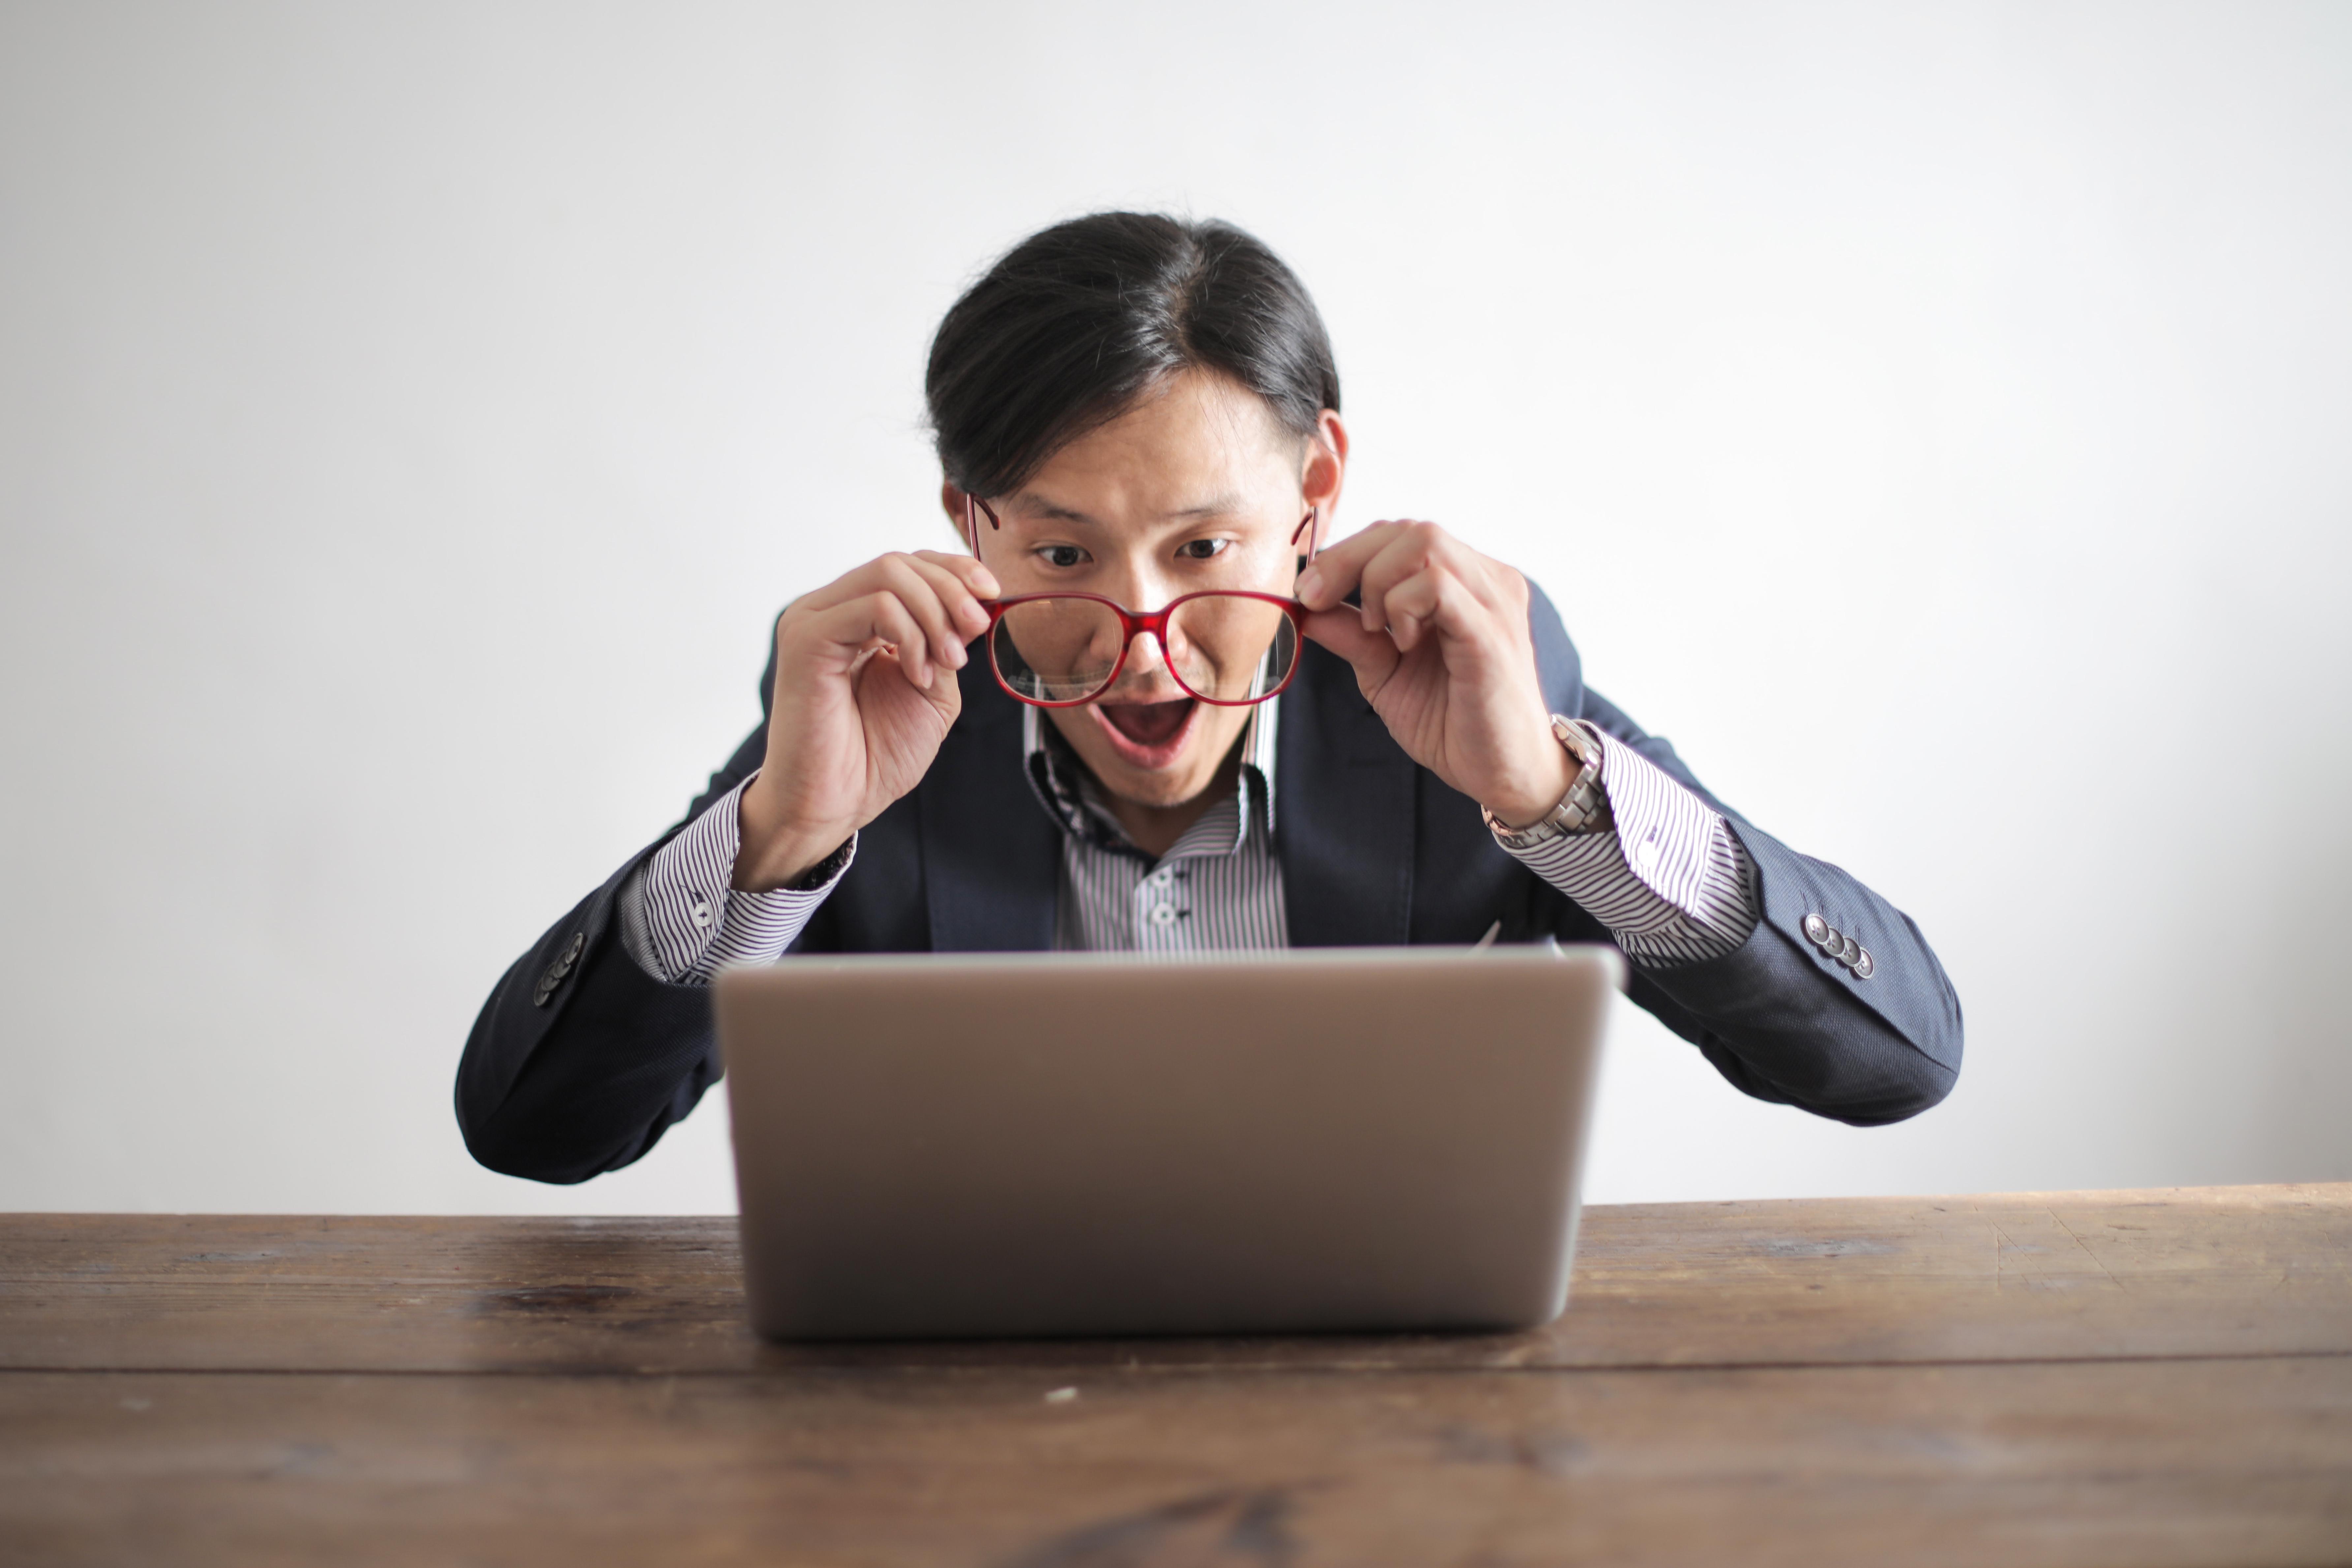 Surprised man looking at laptop.